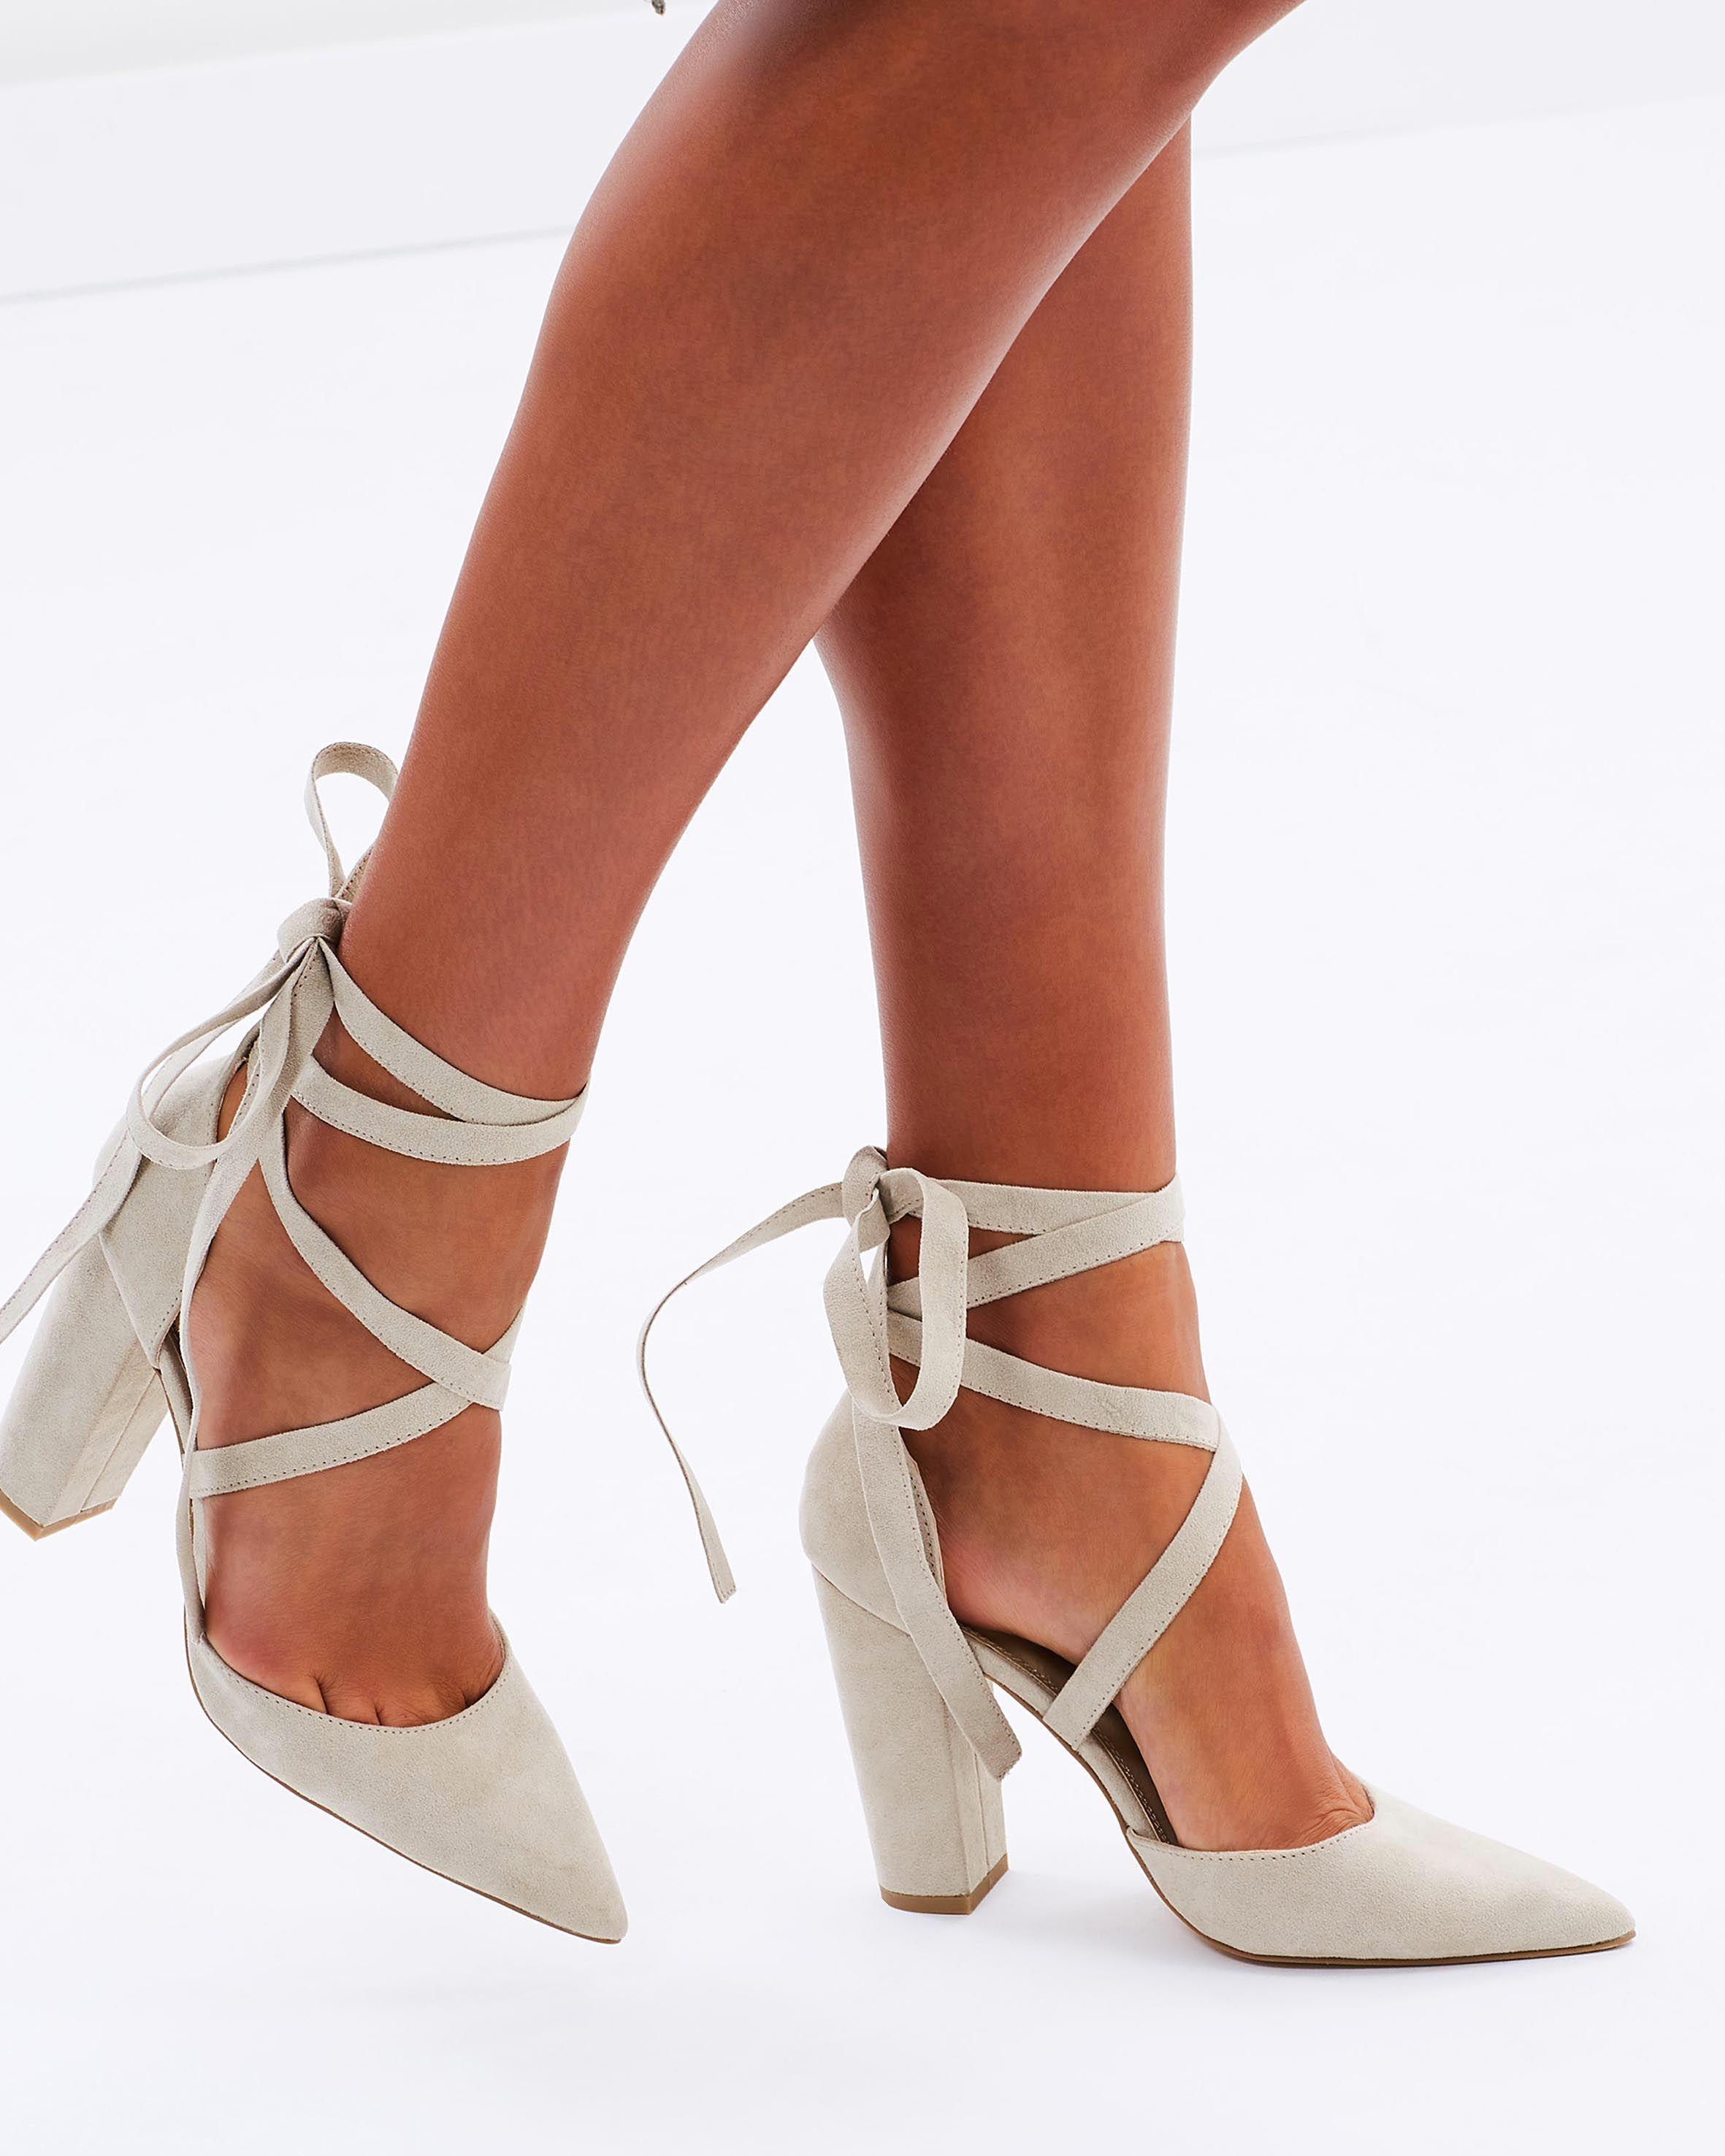 High Heels Heel Buy Heels Online Australia THE ICONIC Designer High HeelsAustraliaLace Up